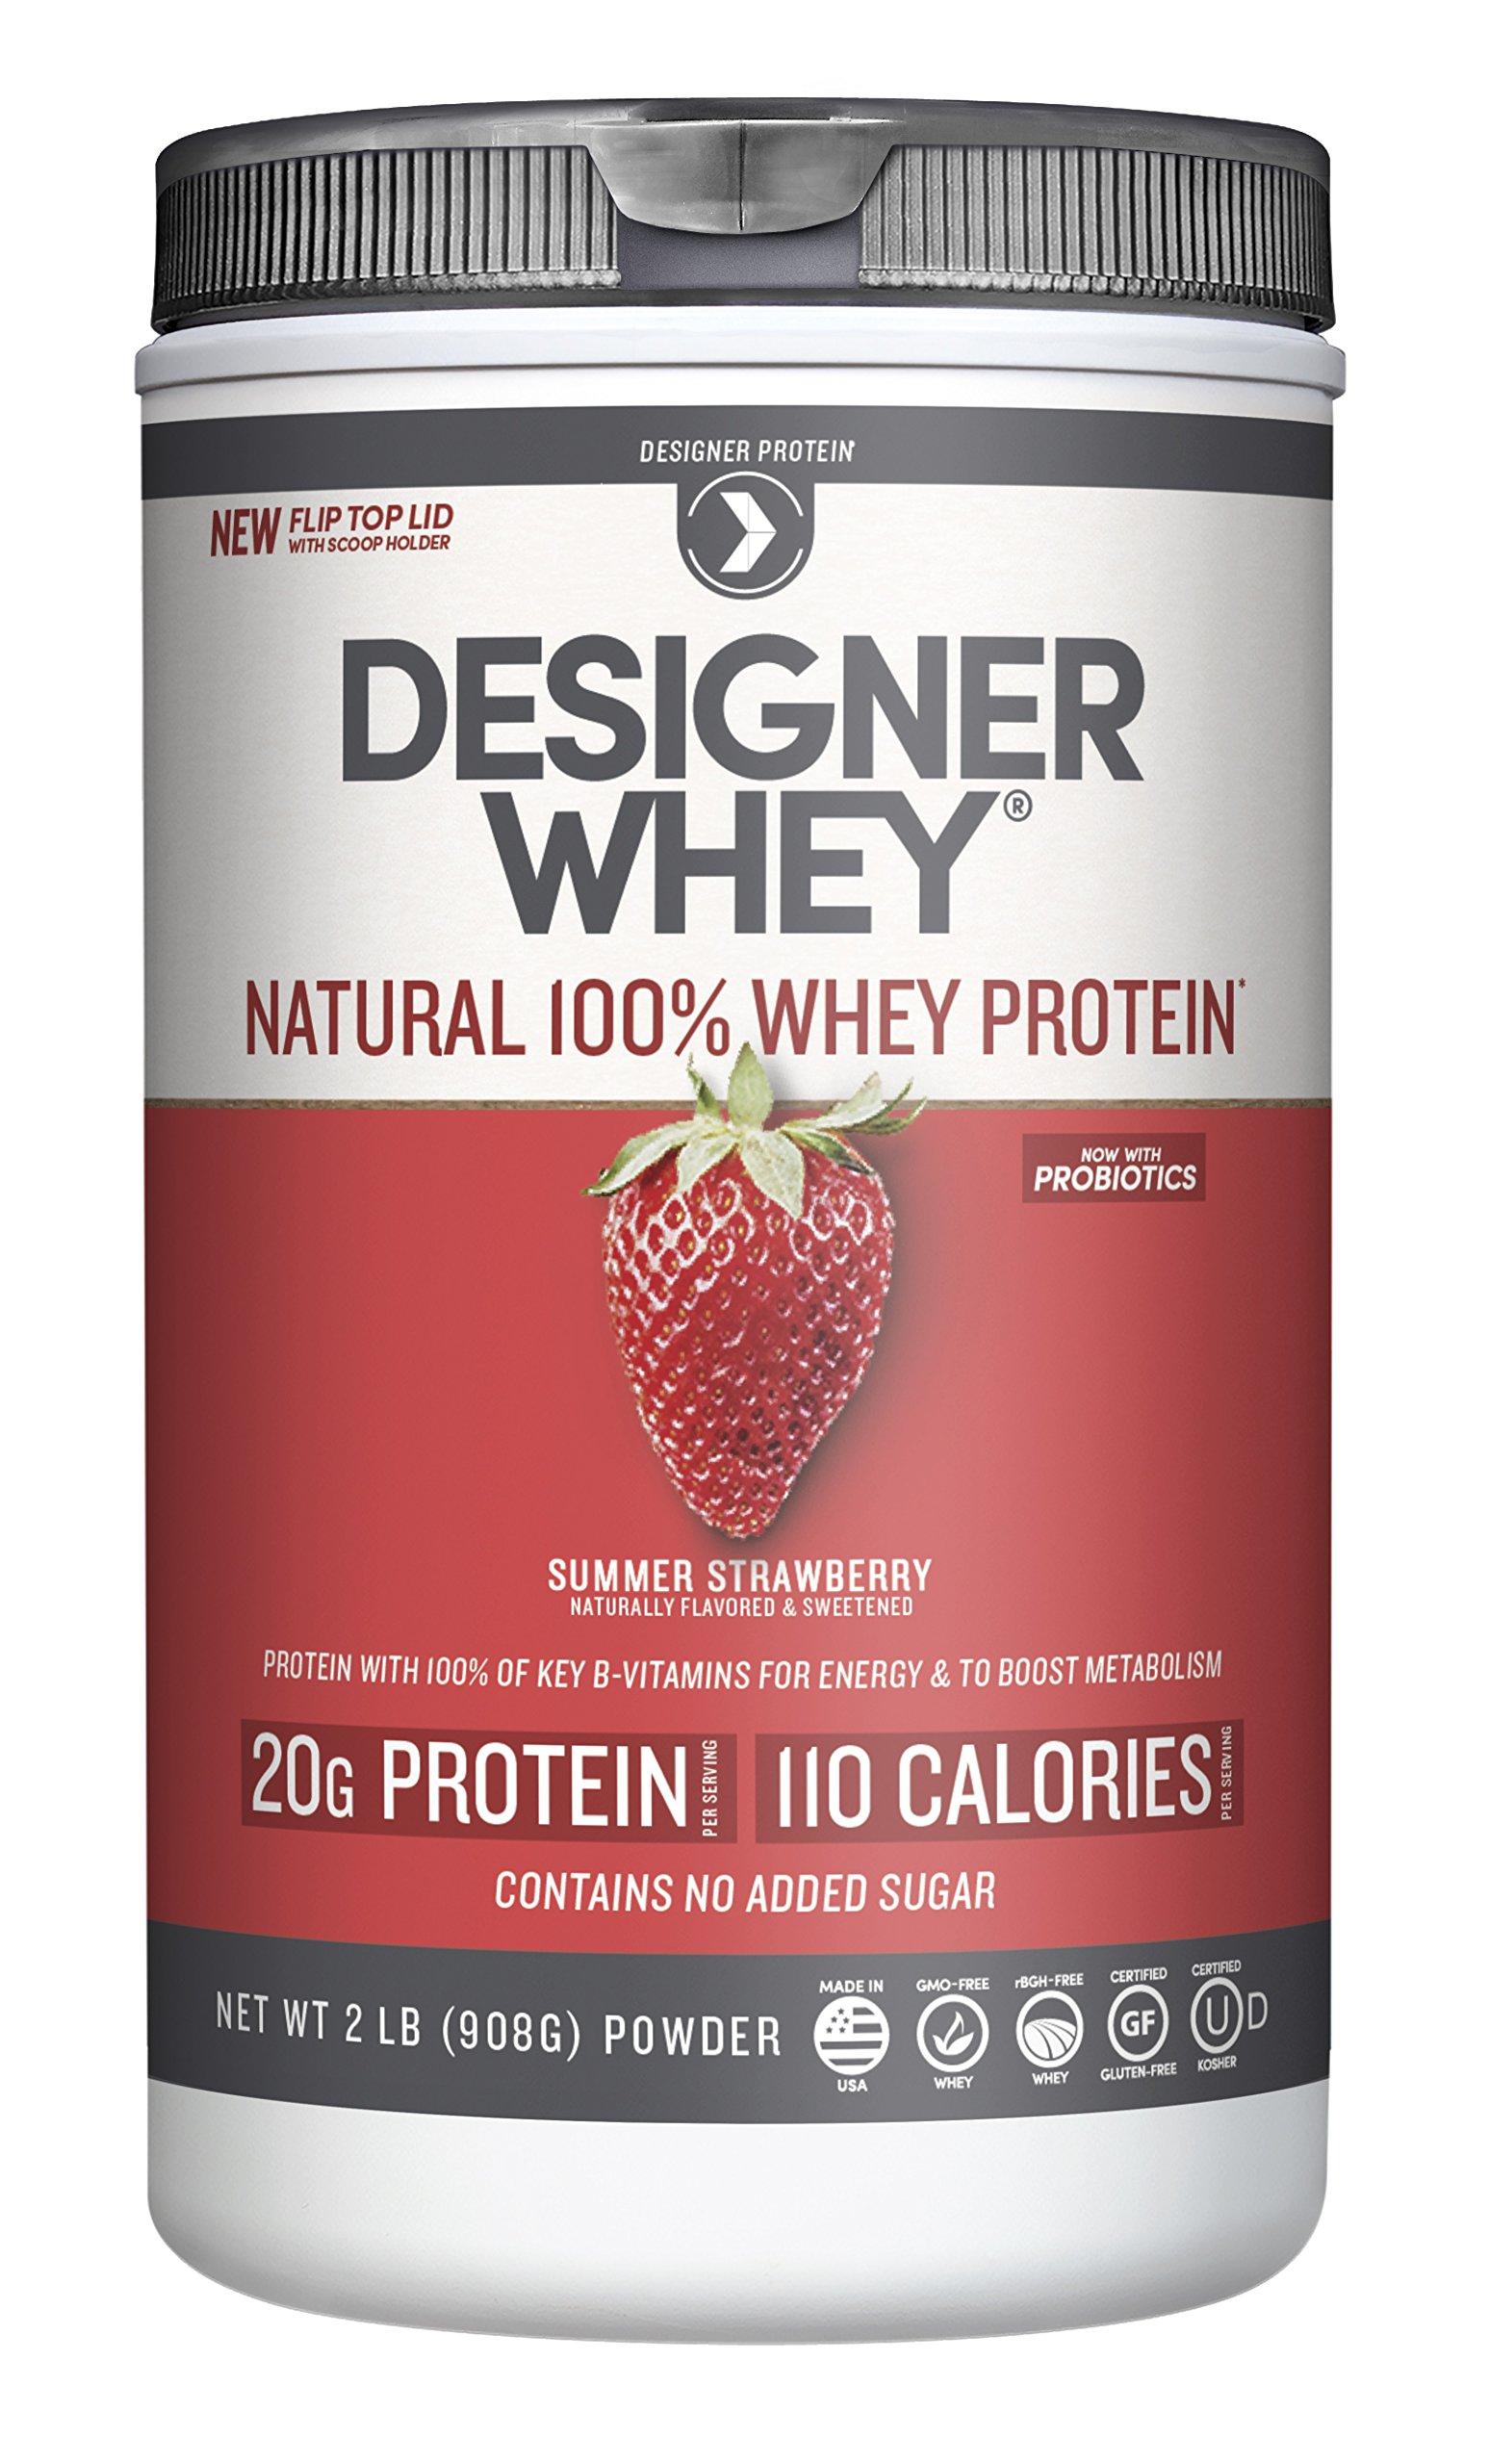 Designer Whey Premium Natural 100% Whey Protein, Summer Strawberry, 2 Pound